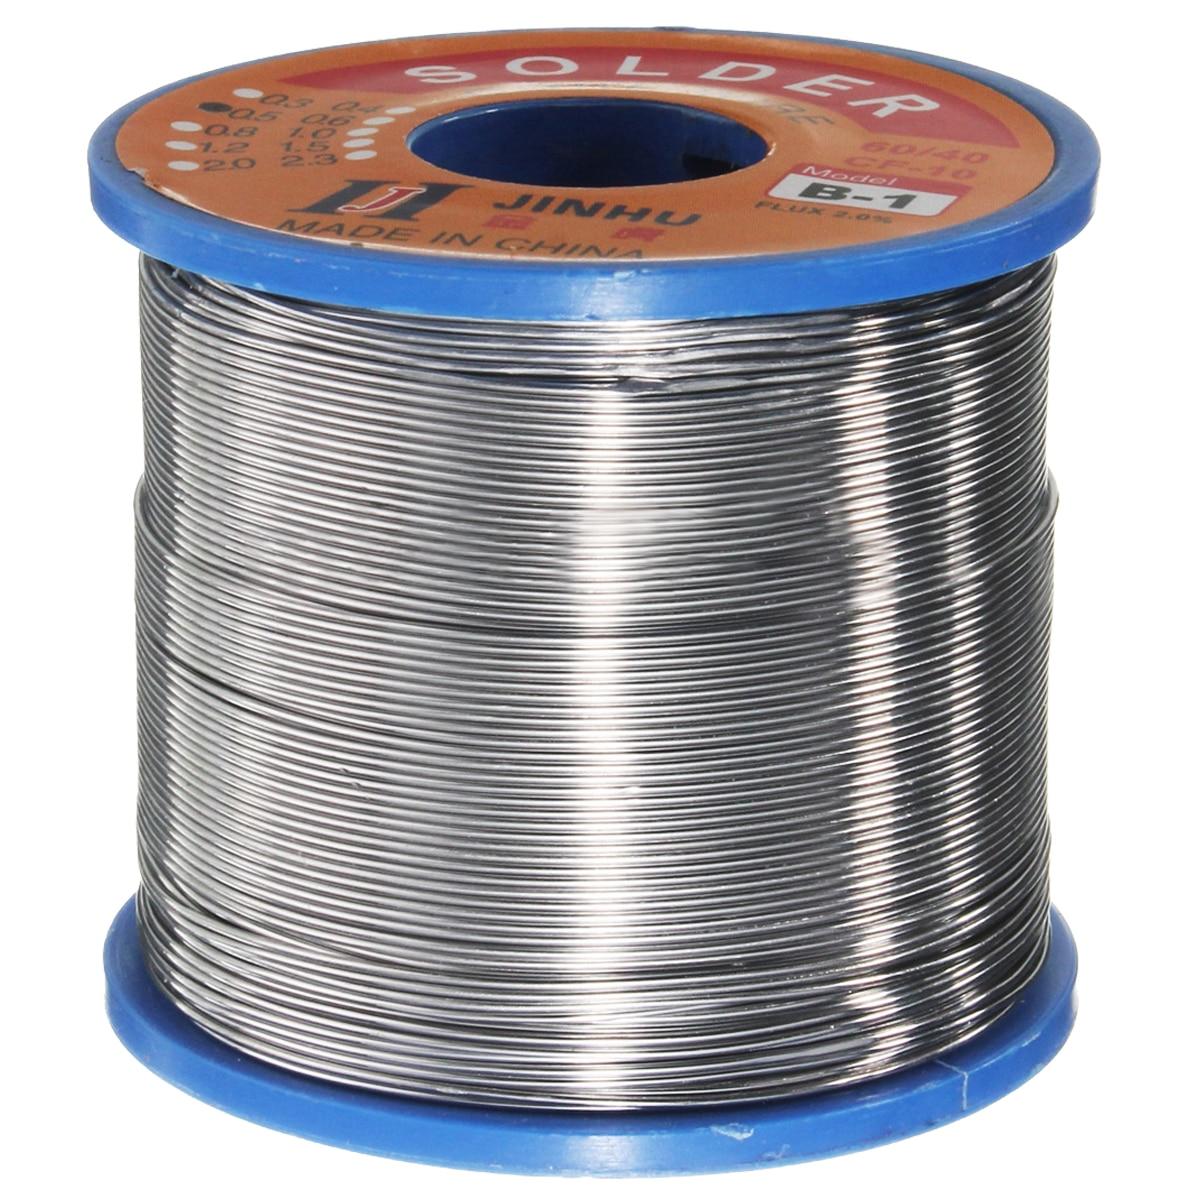 0,5g 60/40 estaño plomo soldadura flujo alambre resina núcleo soldadura rollo 400mm